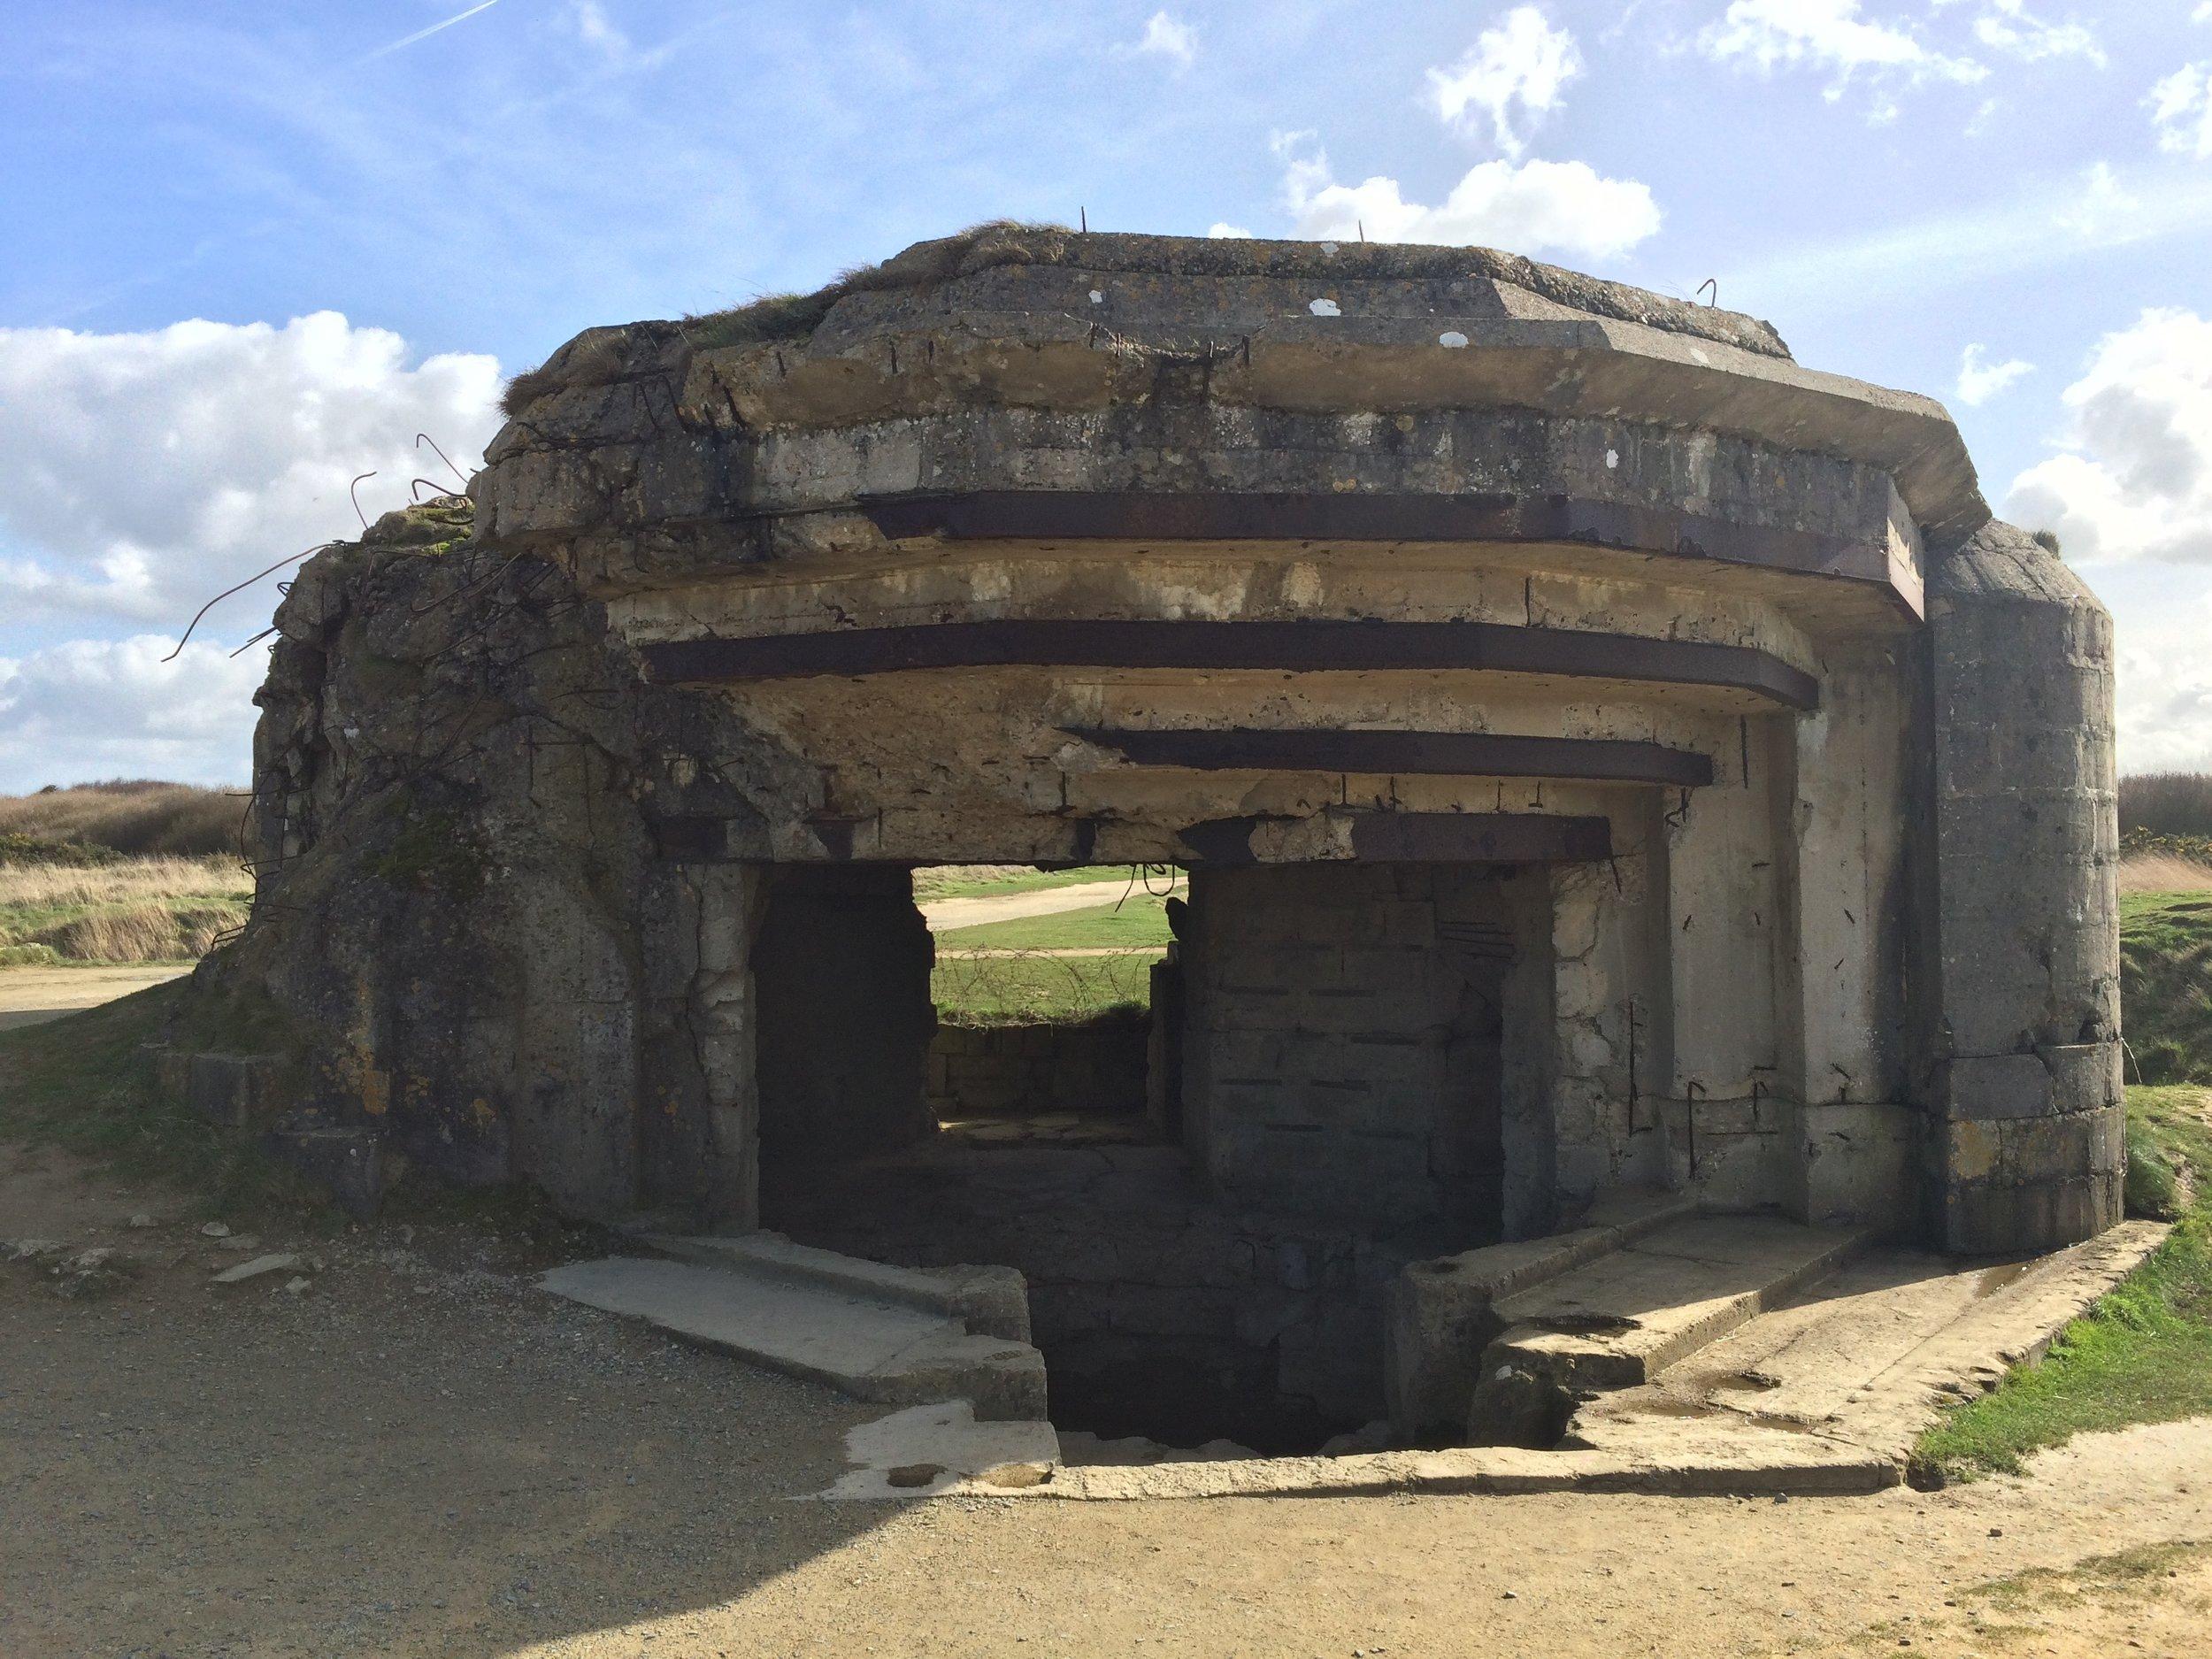 German beach bunker